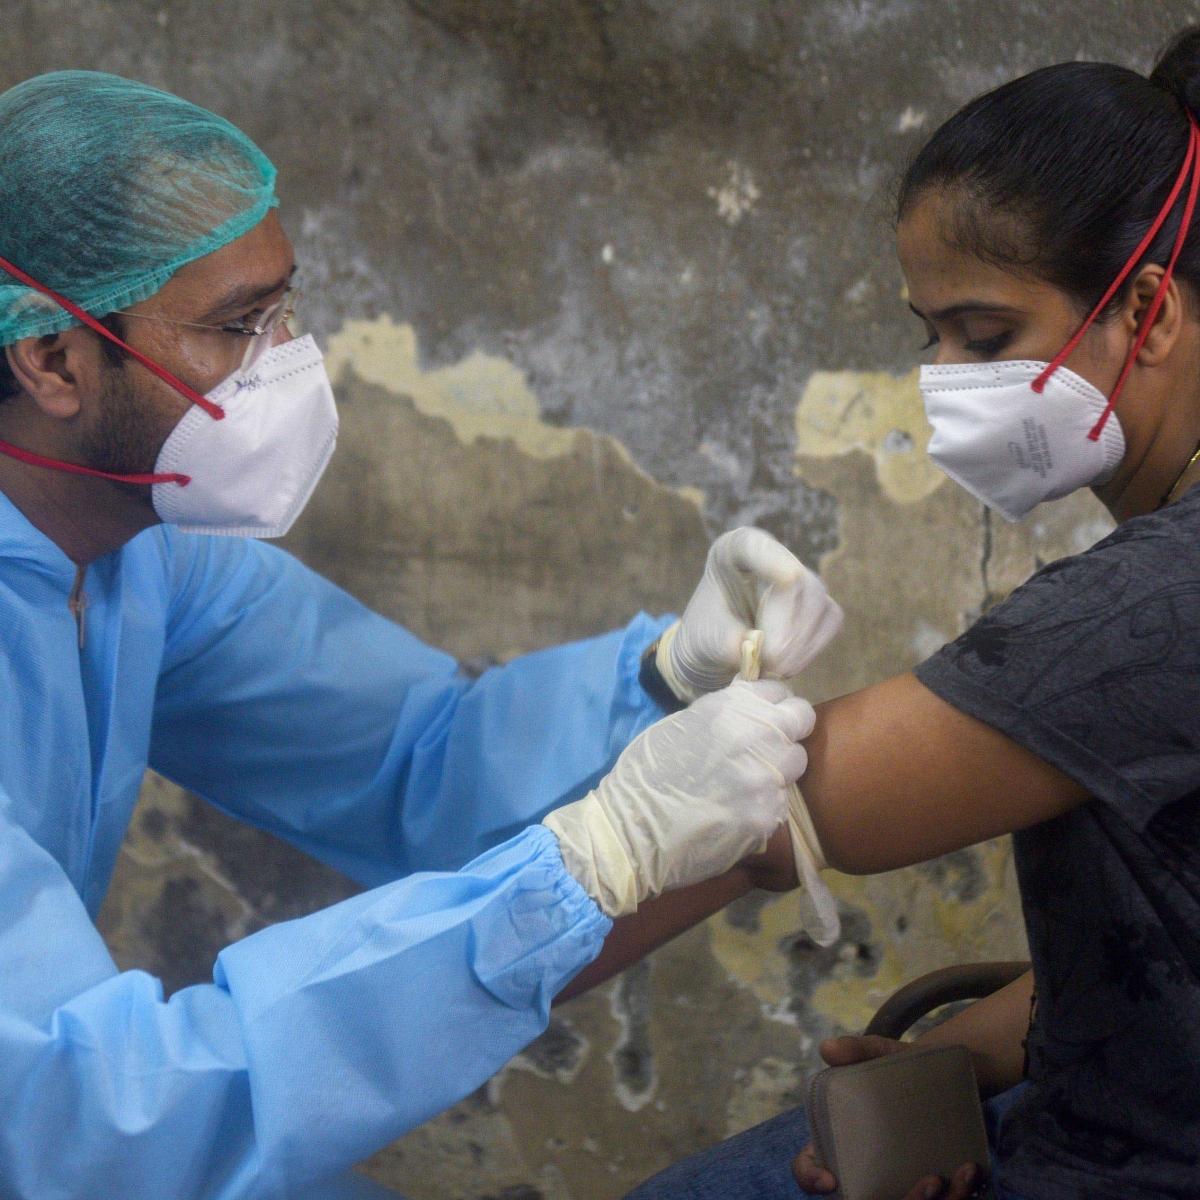 Coronavirus in Mumbai: BMC to start jumbo rapid antigen testing across 24 wards from today